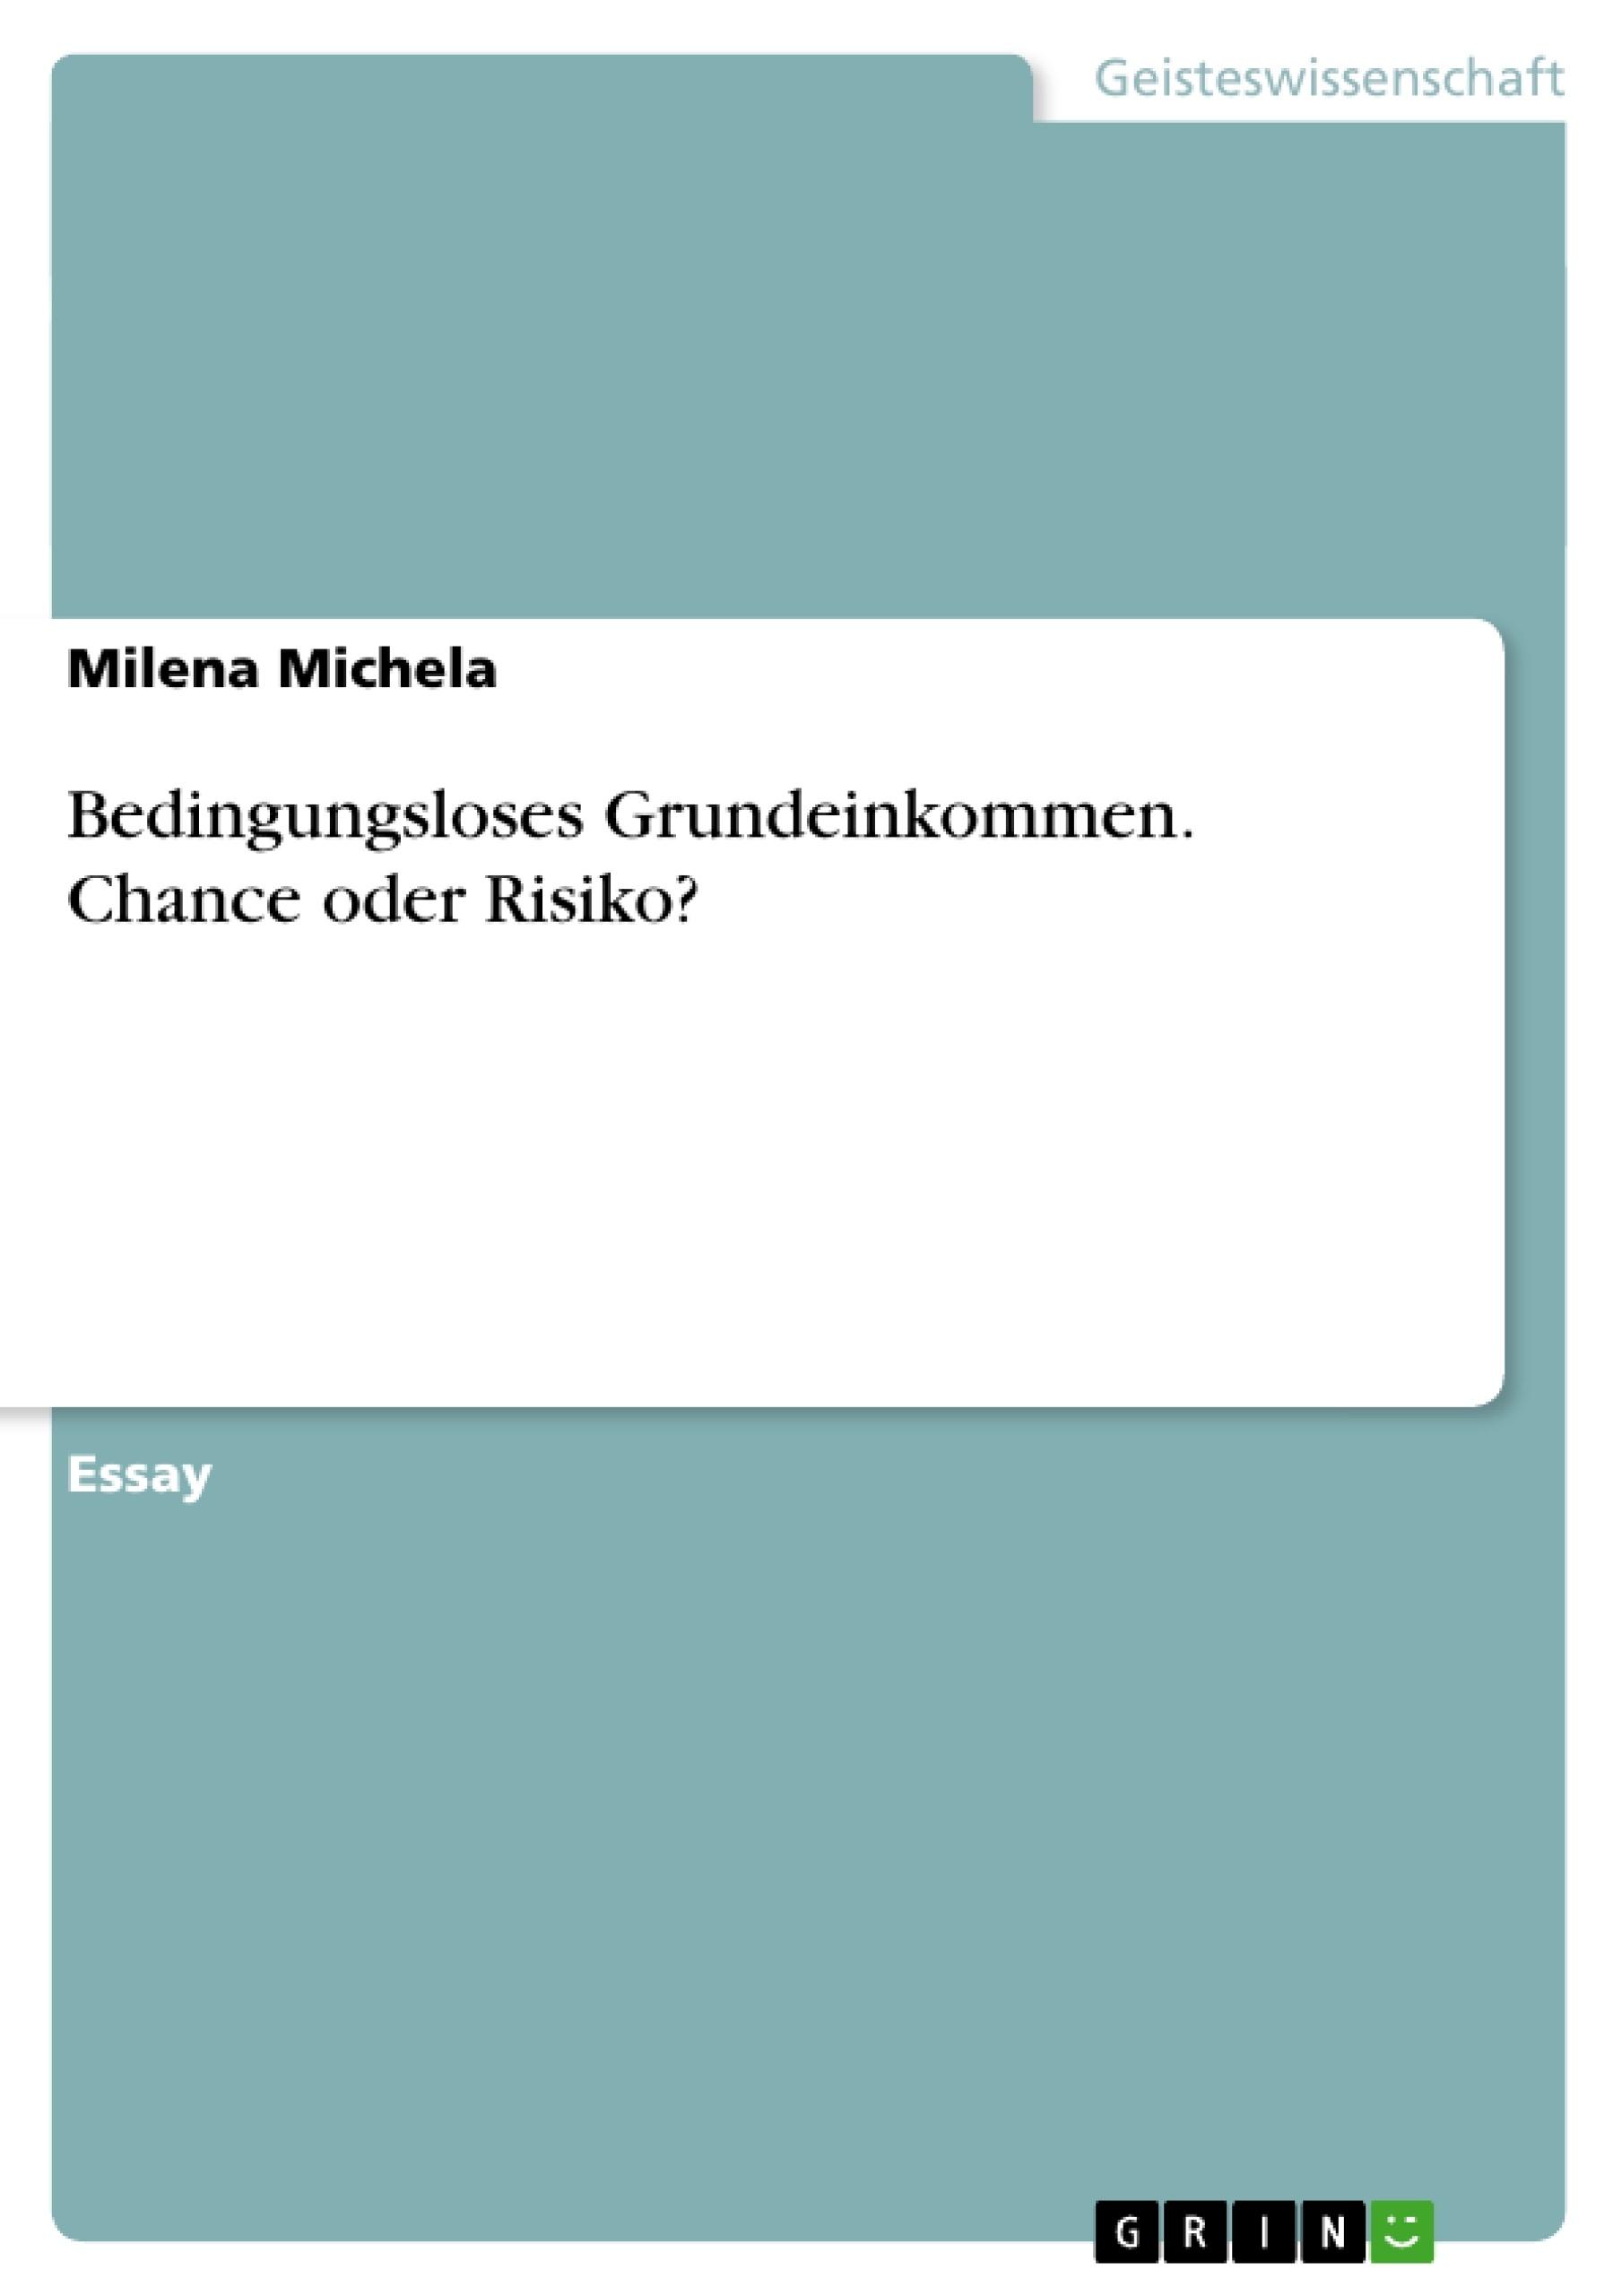 Titel: Bedingungsloses Grundeinkommen. Chance oder Risiko?